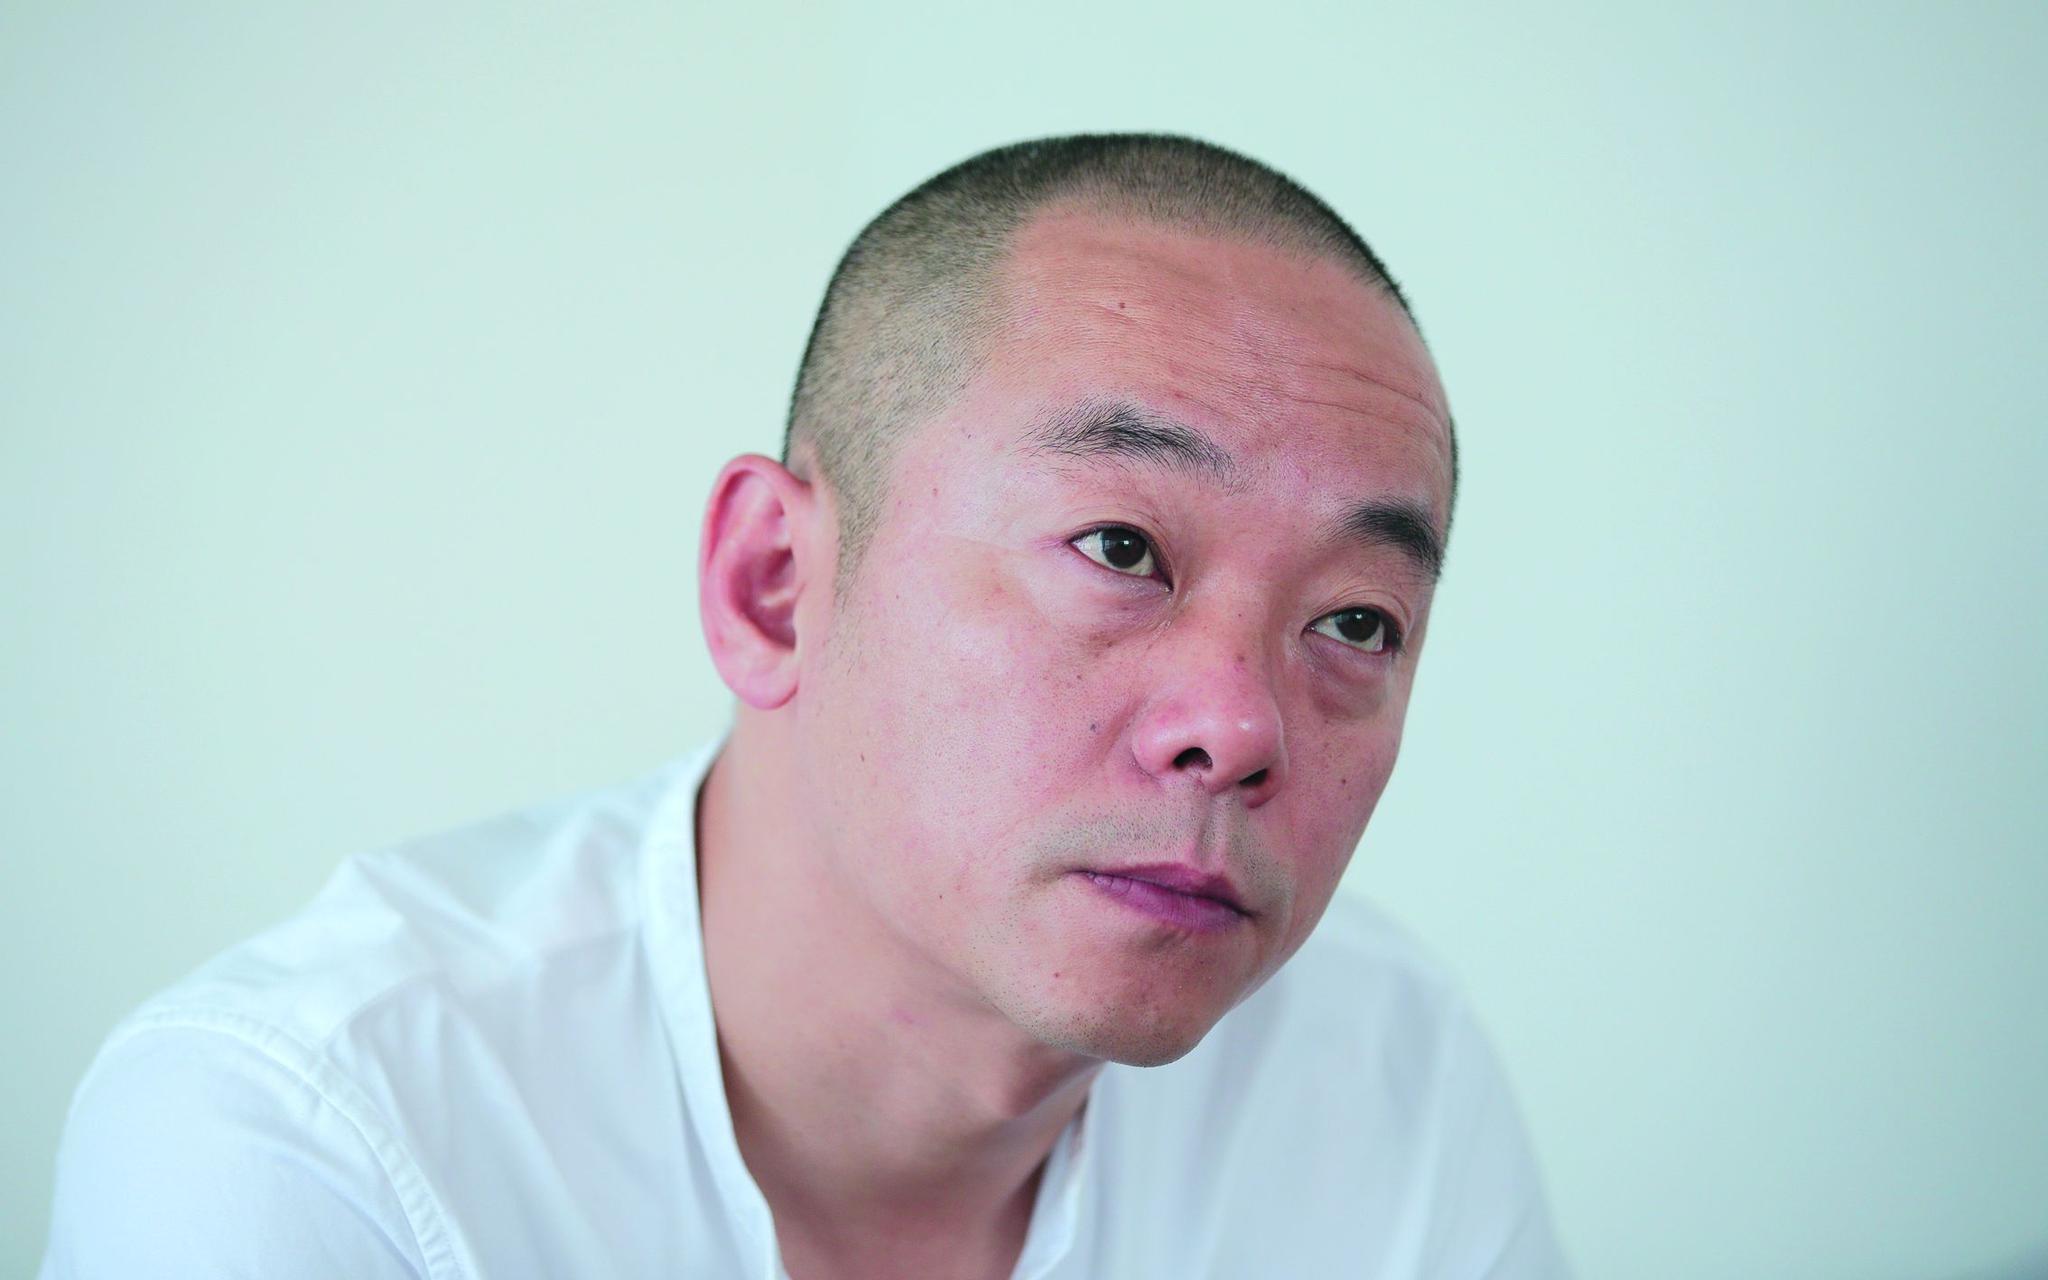 暴风集团:冯鑫被批捕后 公司决策和履职方式不受影响